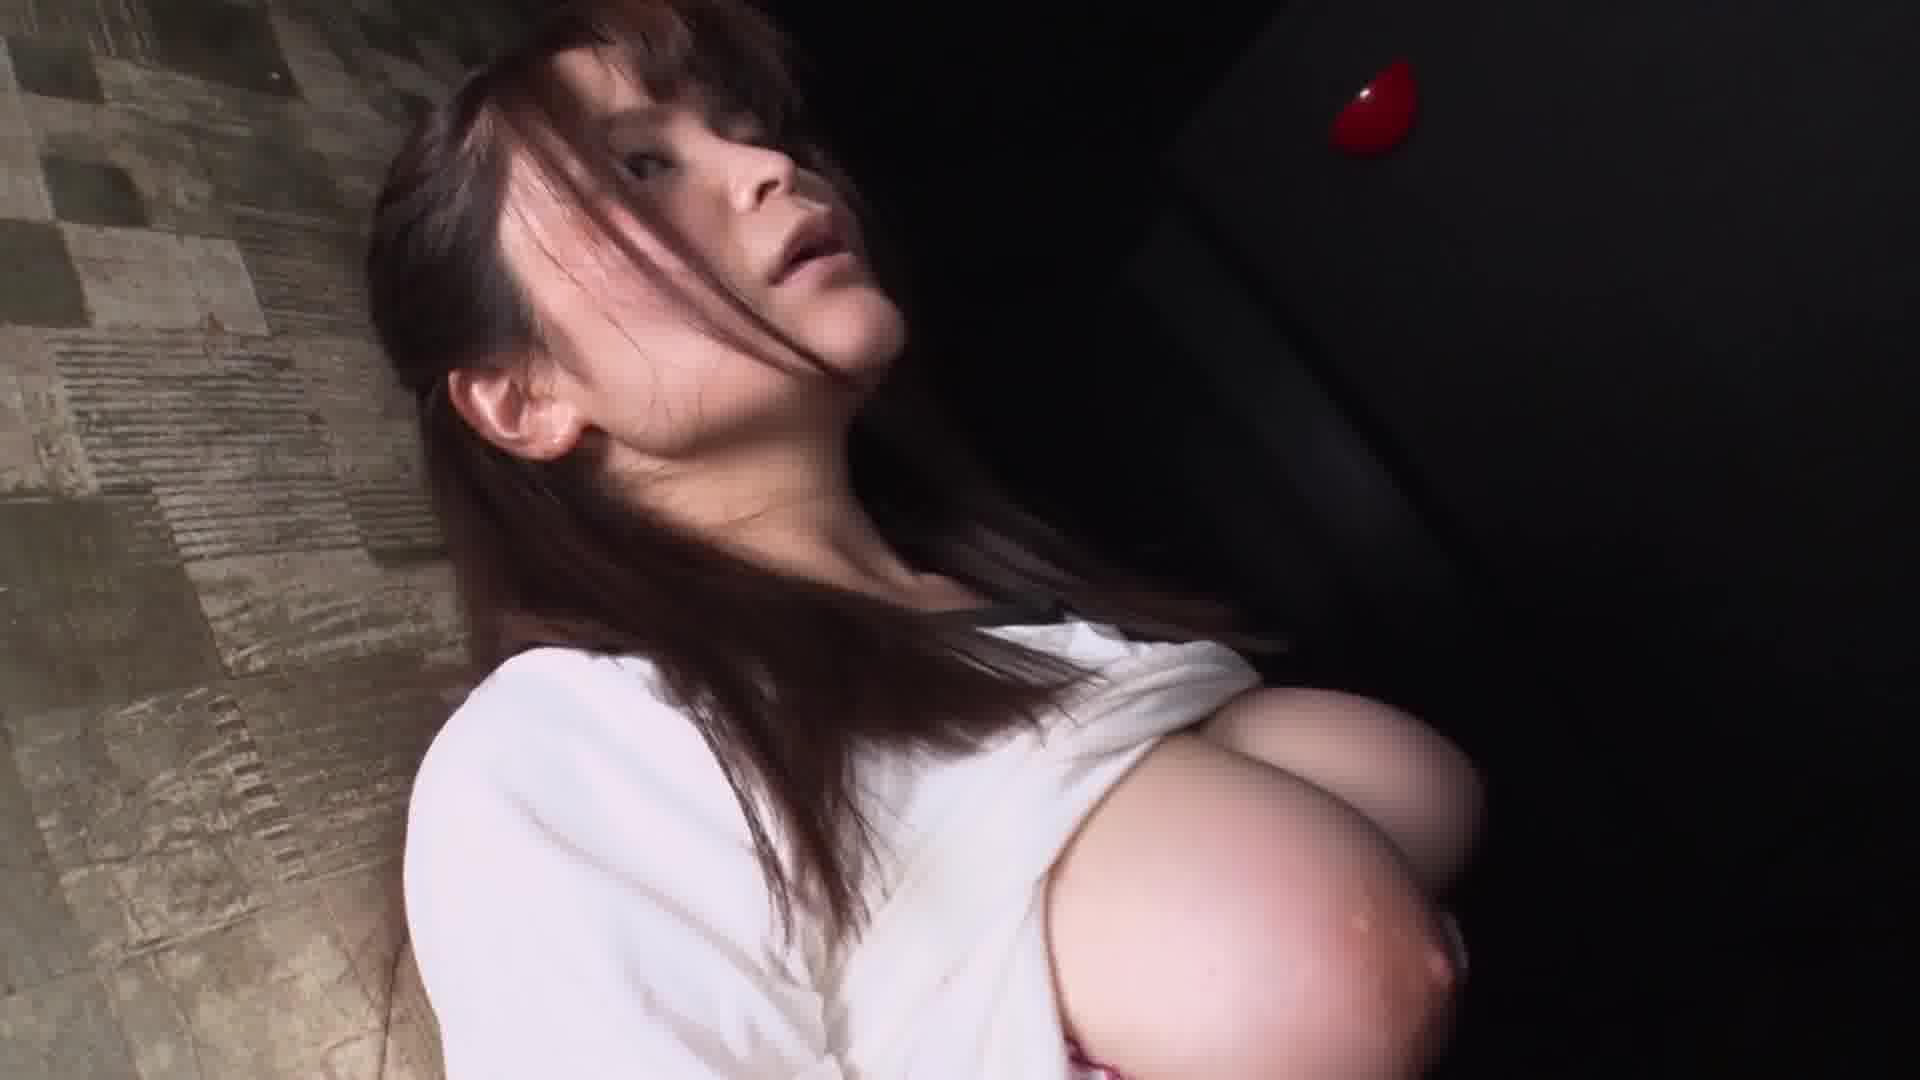 朝から晩まで隙があったら即挿入 ~パイパン美爆乳のイキすぎ女子~ - 美雲あい梨【巨乳・パイパン・パイズリ】